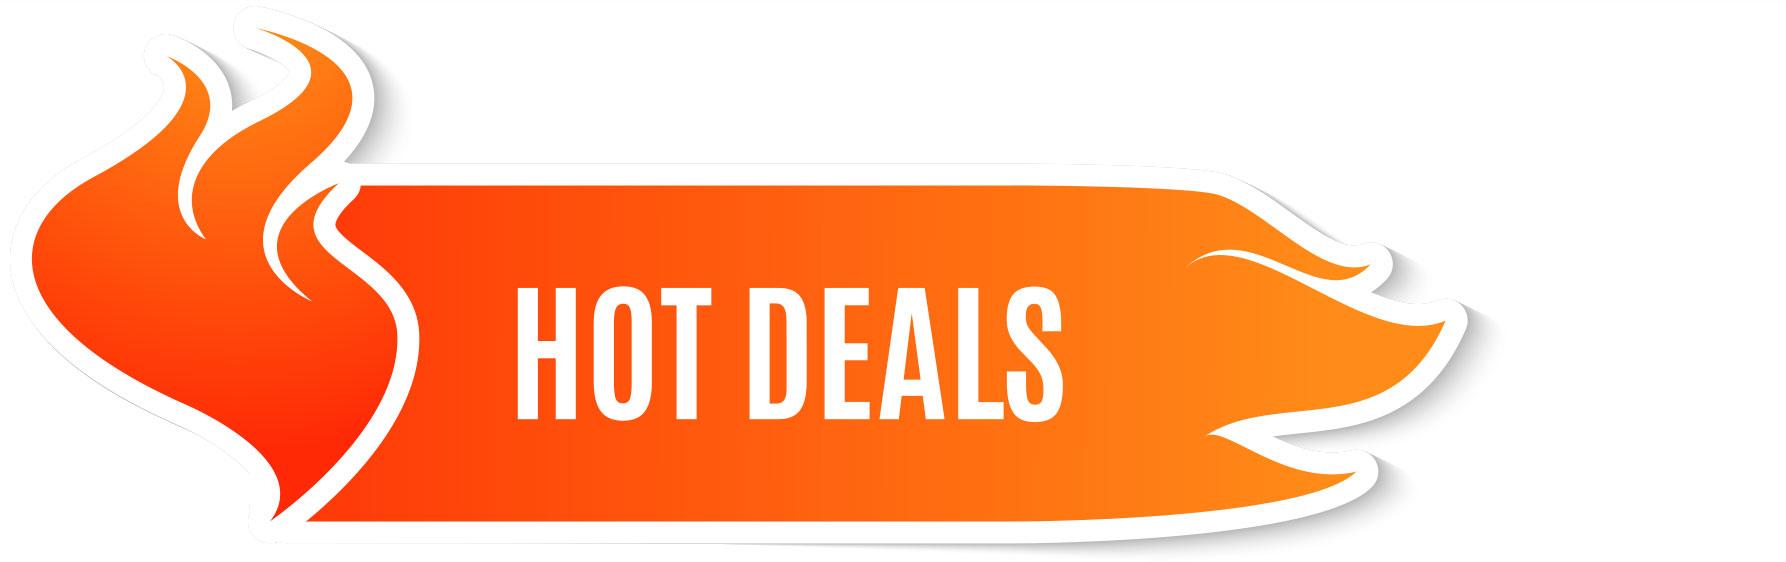 Hot pc deals